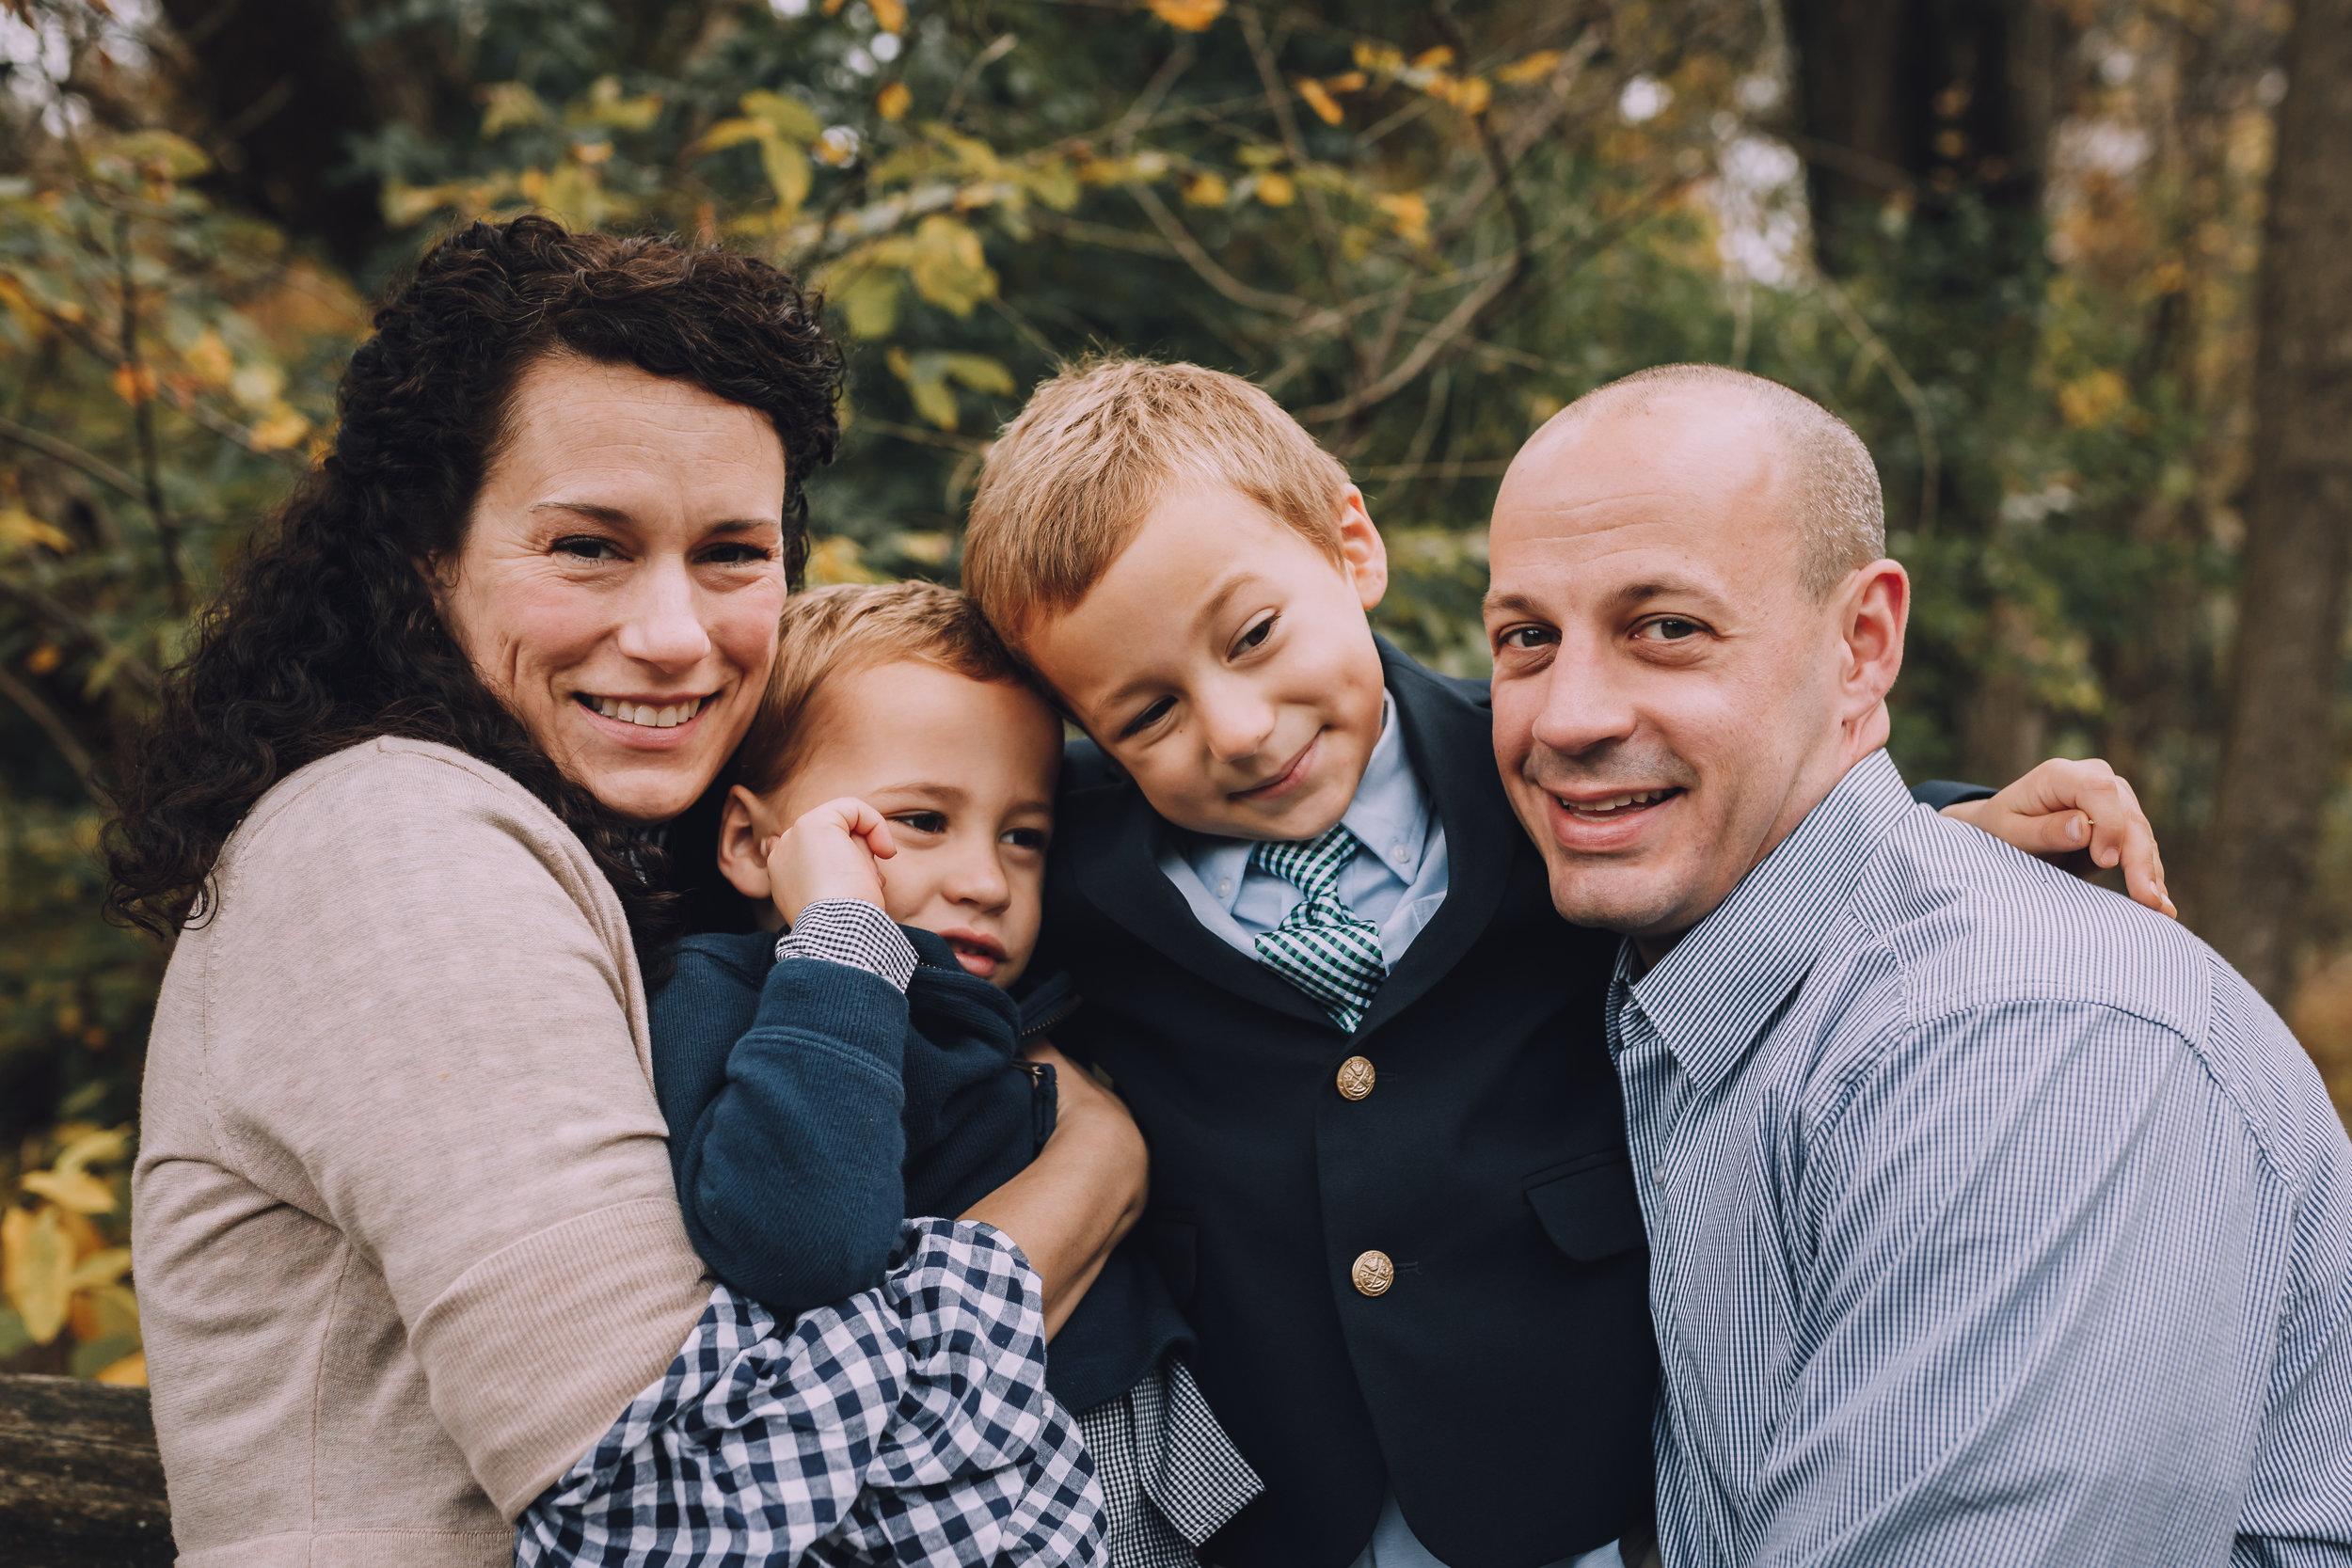 Family_Photographer_Rockville_Maryland18.jpg